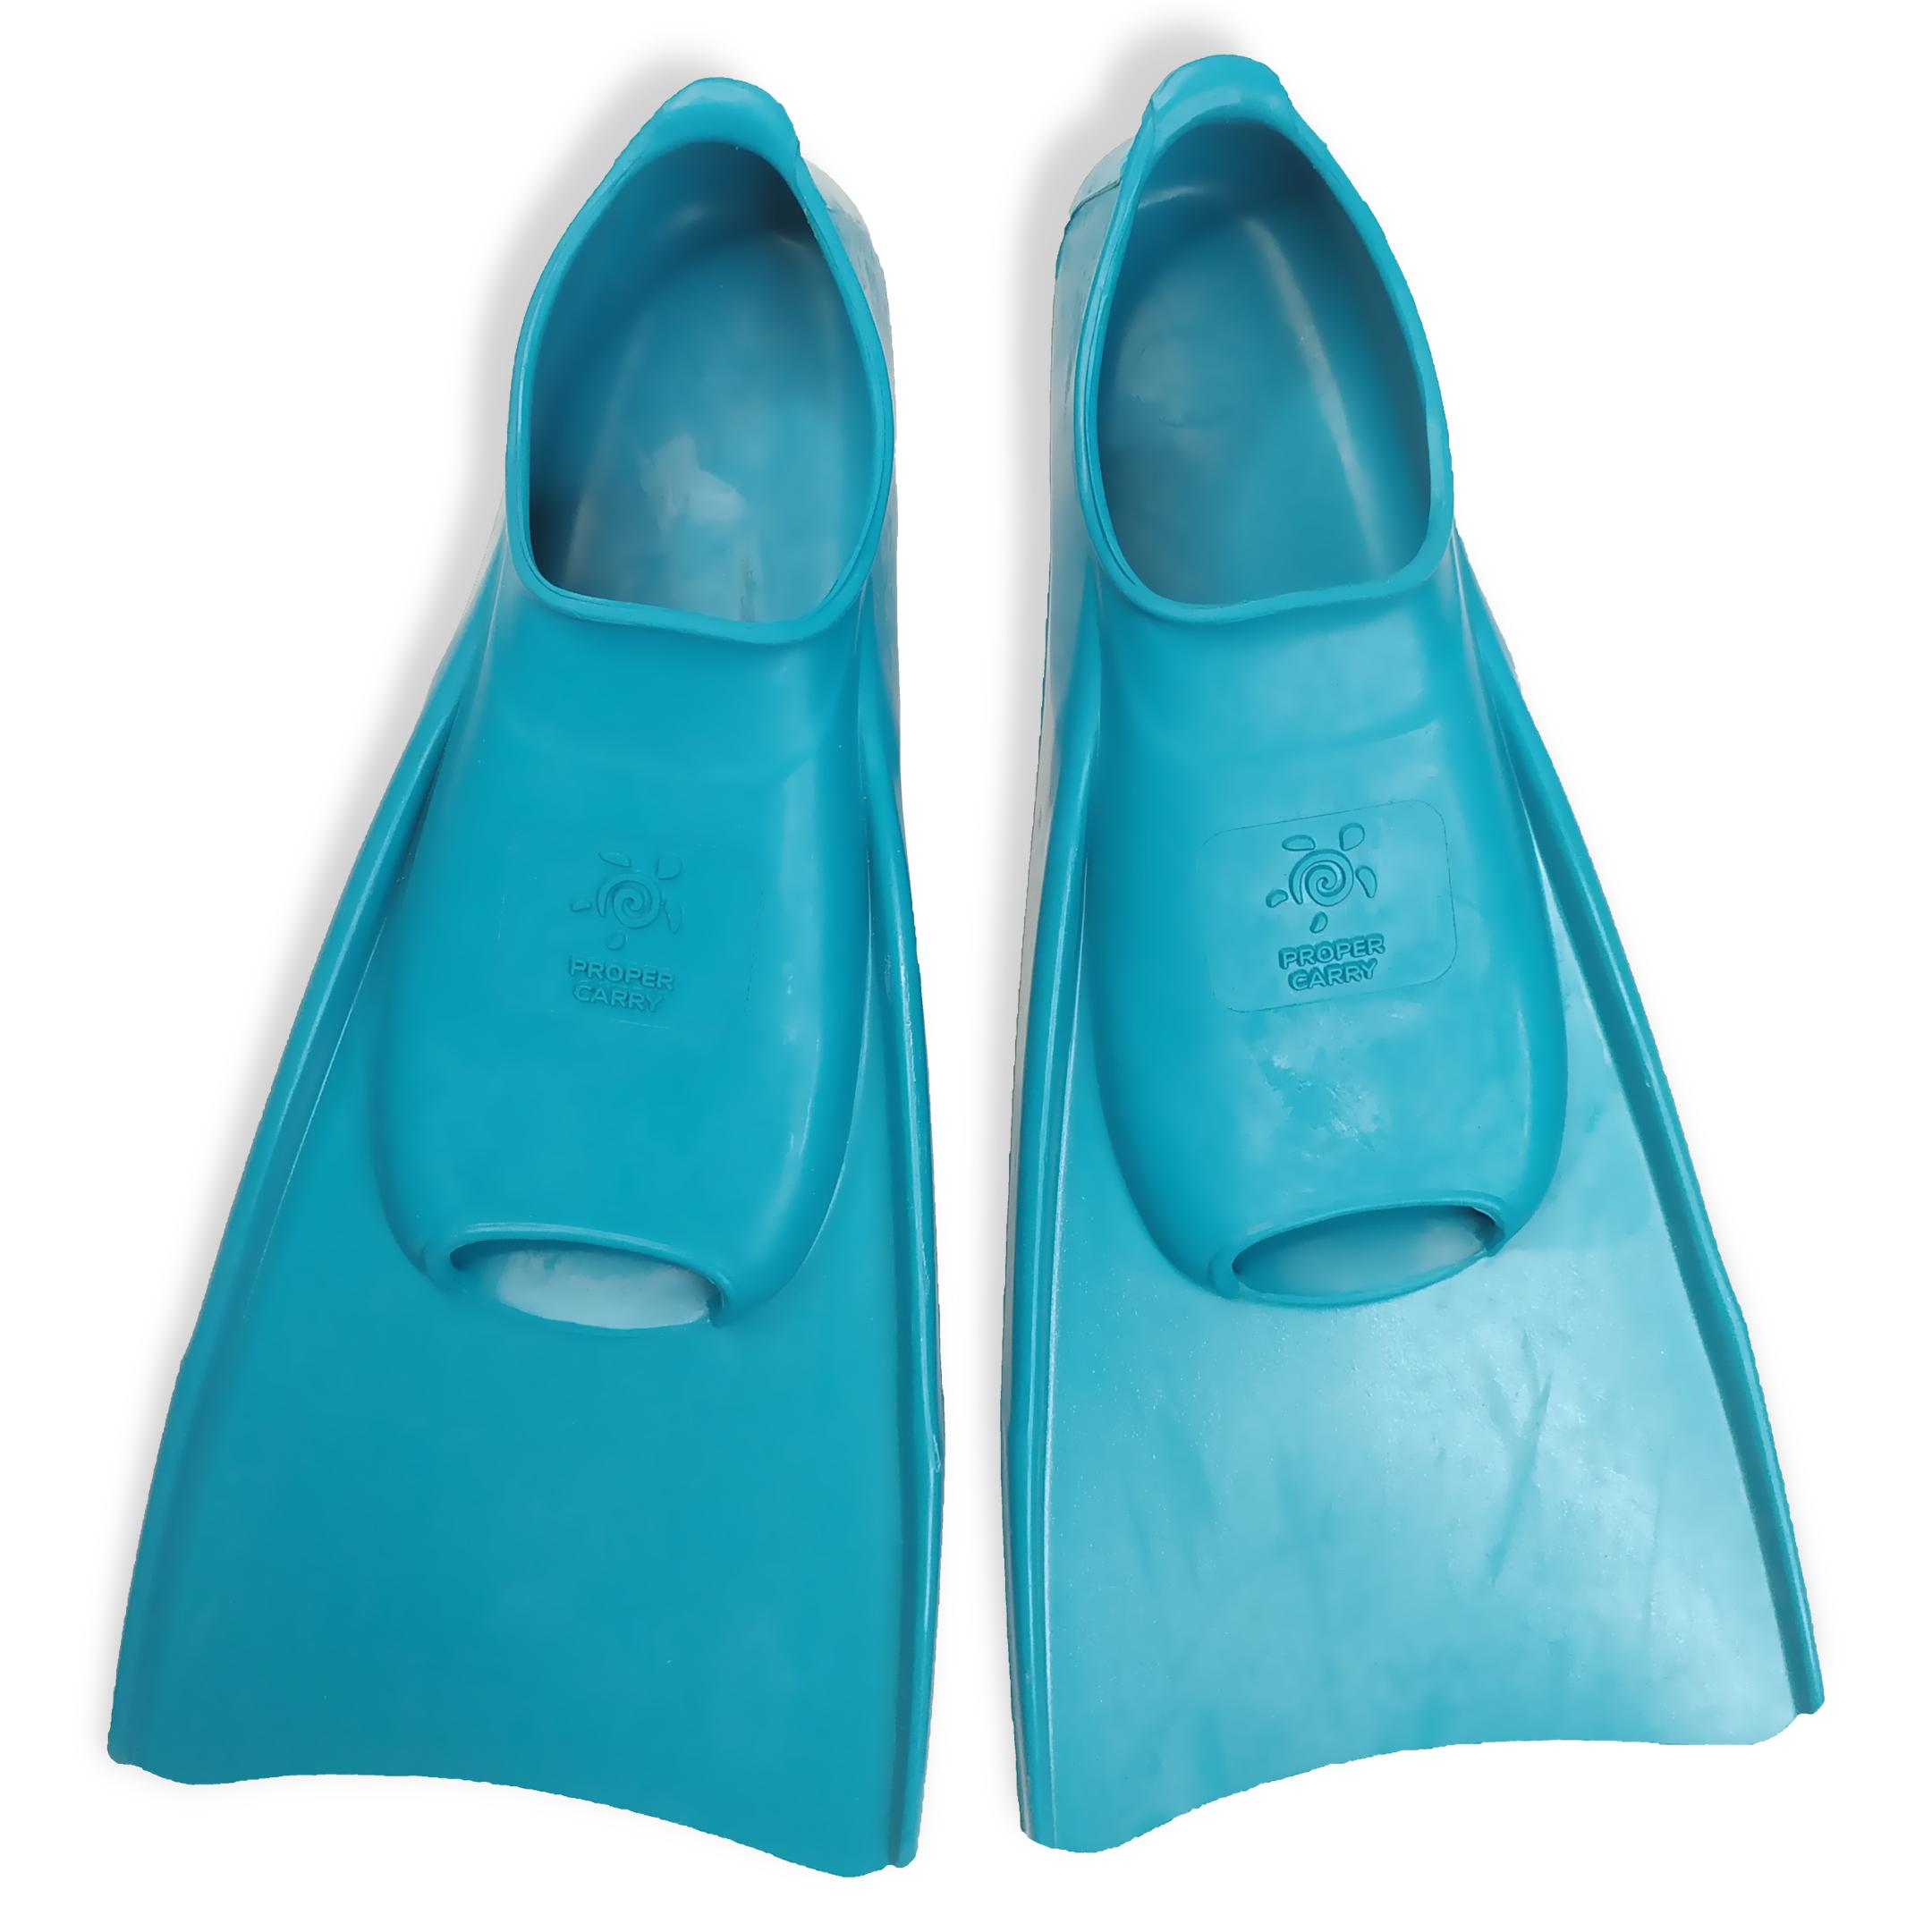 Детские ласты для плавания Proper-Carry тренировочные р. 29-30, 31-32, 33-34, 35-36, 37-38, 39-40, - фото 1